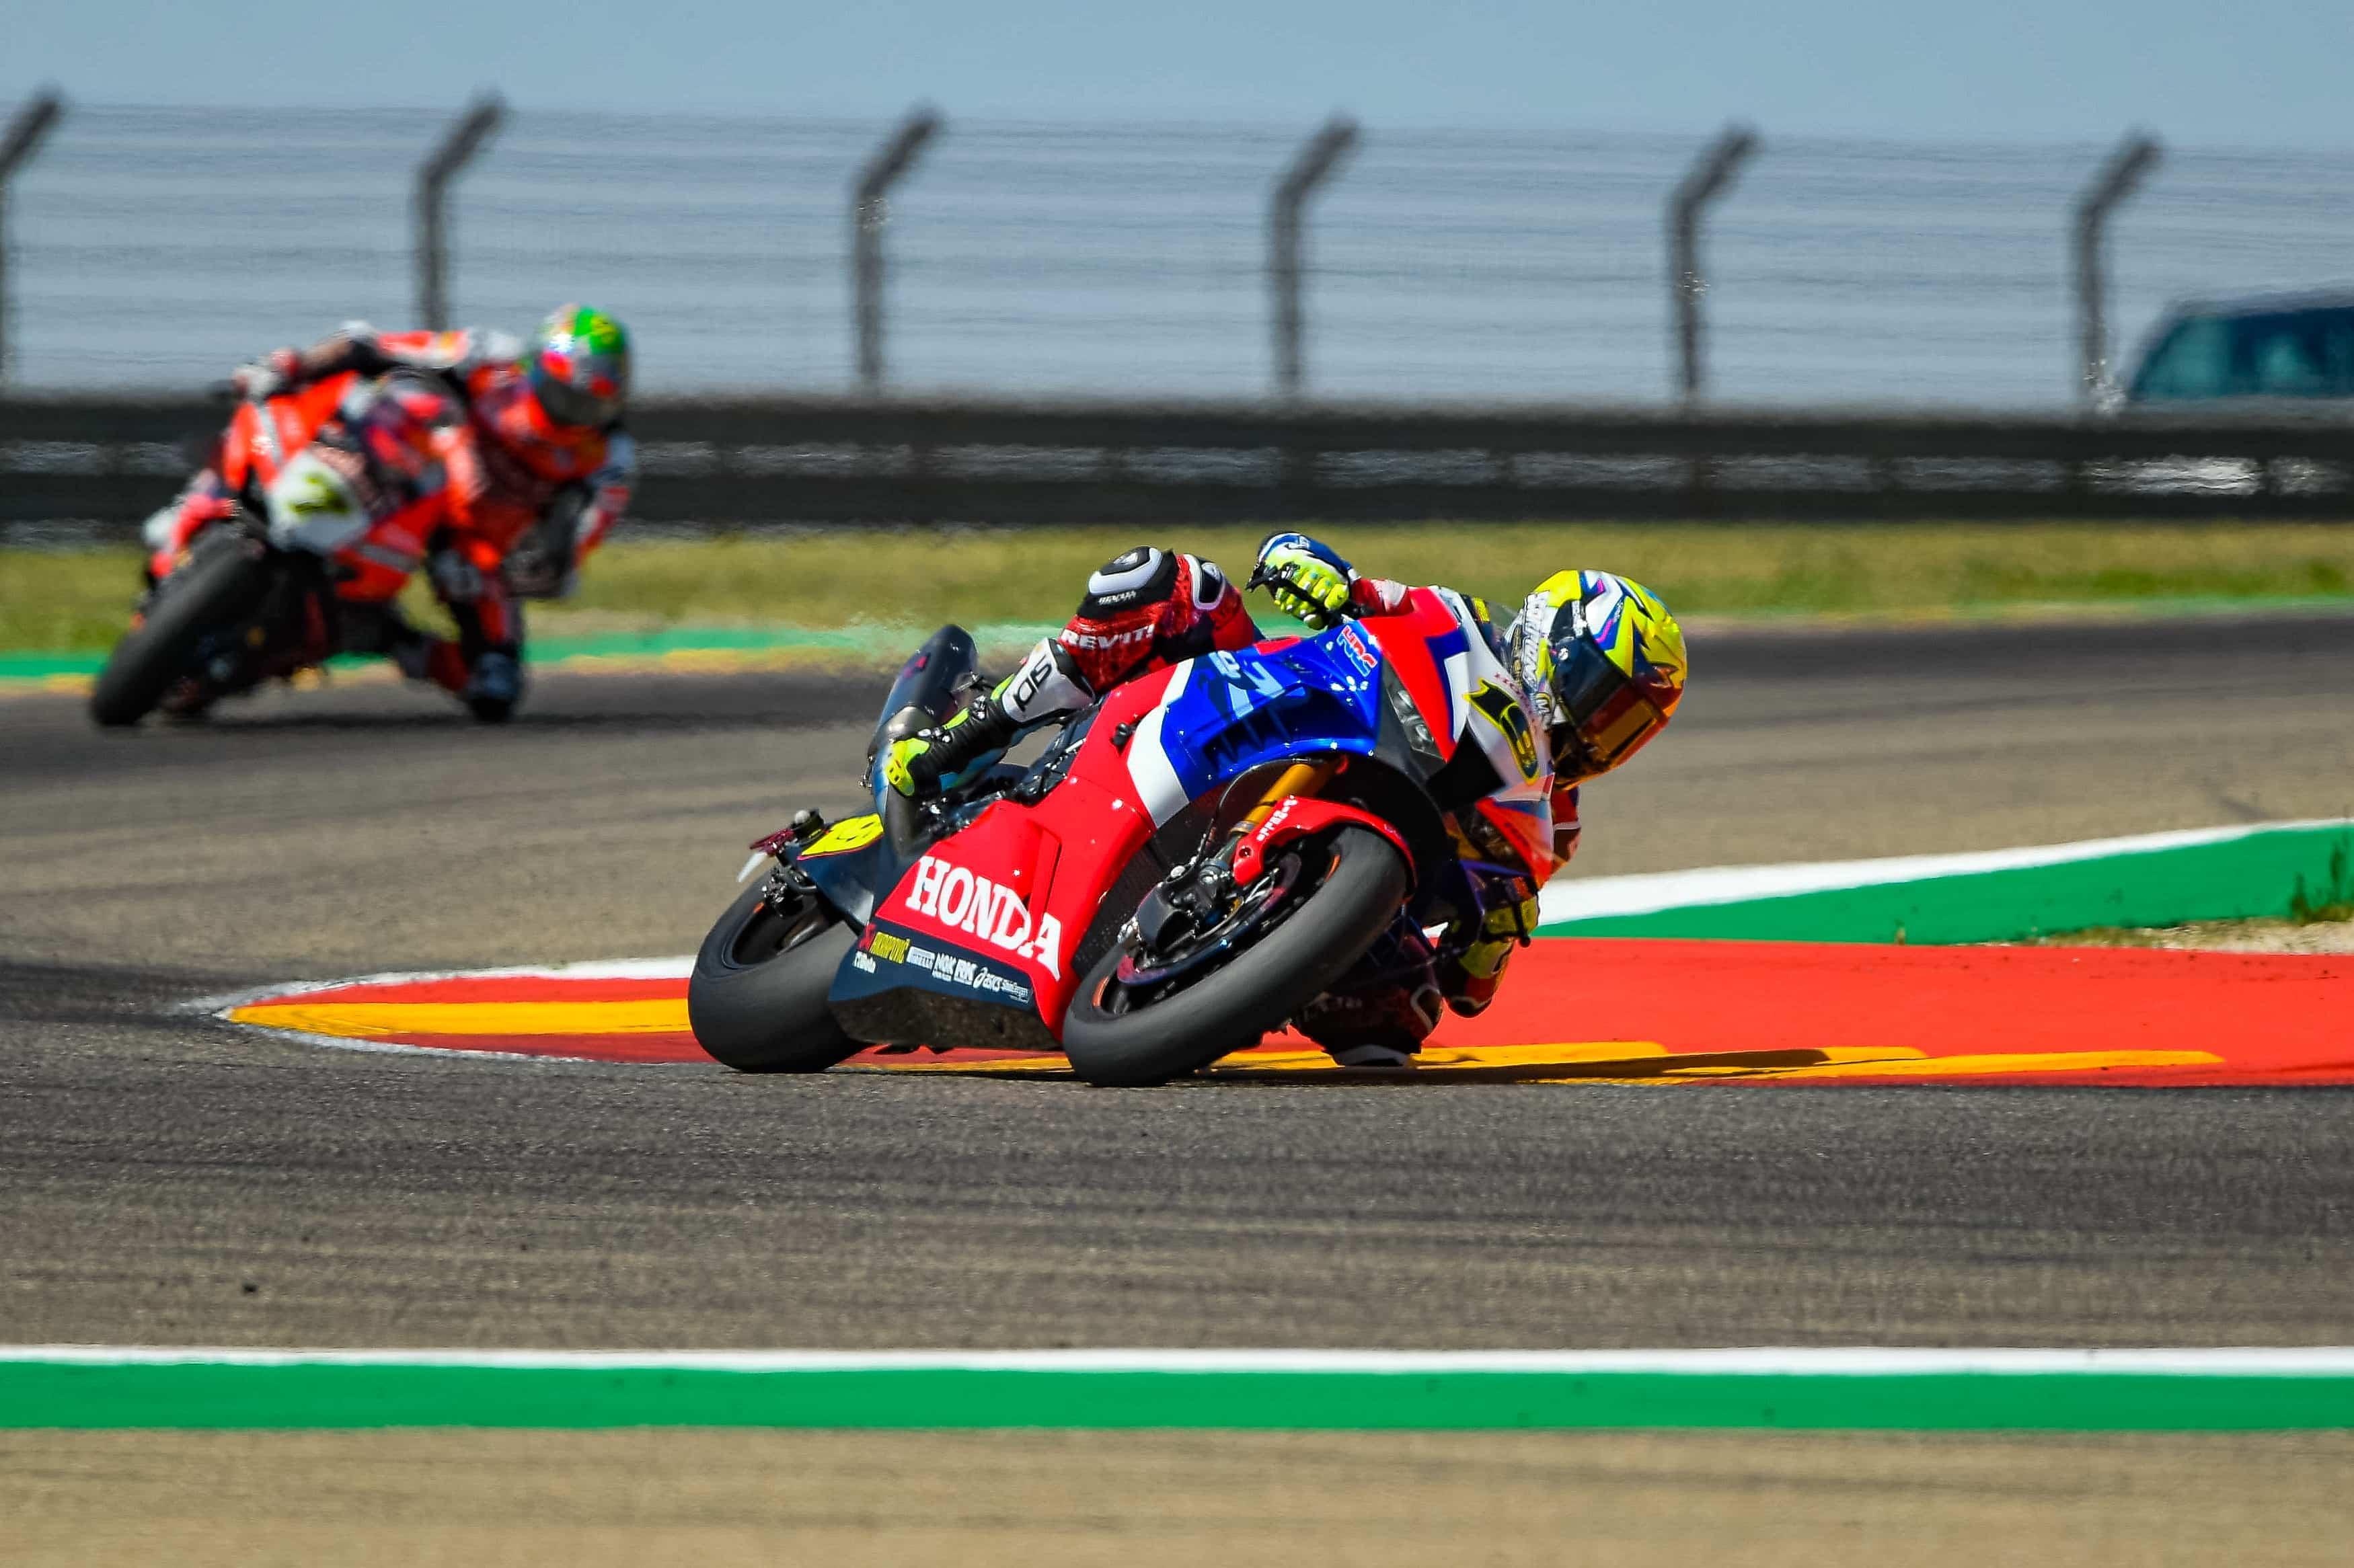 スーパーバイク世界選手権 テルエル戦レース1 DNFアルヴァロ・バウティ「ポジティブ面に集中したい」